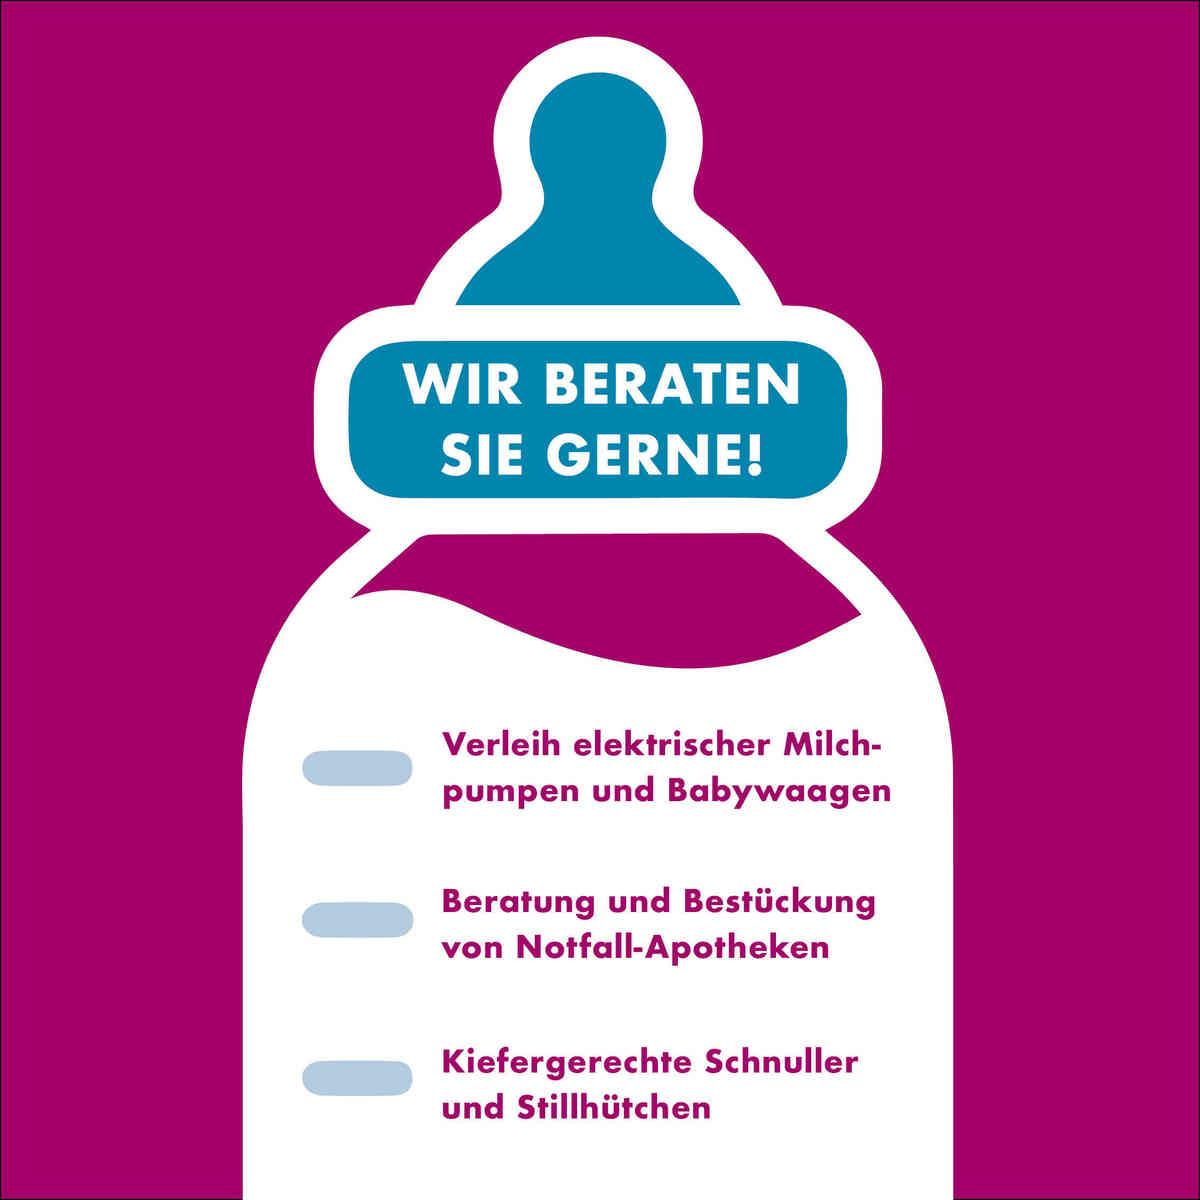 https://www.rosen-apotheke-gelsenkirchen.de/anhang/VkVQKzhIV25MdmlhWS8vQkZDWFA1UDRTVDdnTVcrNFB5bVhsN21NWGFMcWU5aHV4bnFOQVIvNjUyREJRRjFGV2pvUVhsZ3I4SWRxbTdYa2didklKdmc9PQ.jpg